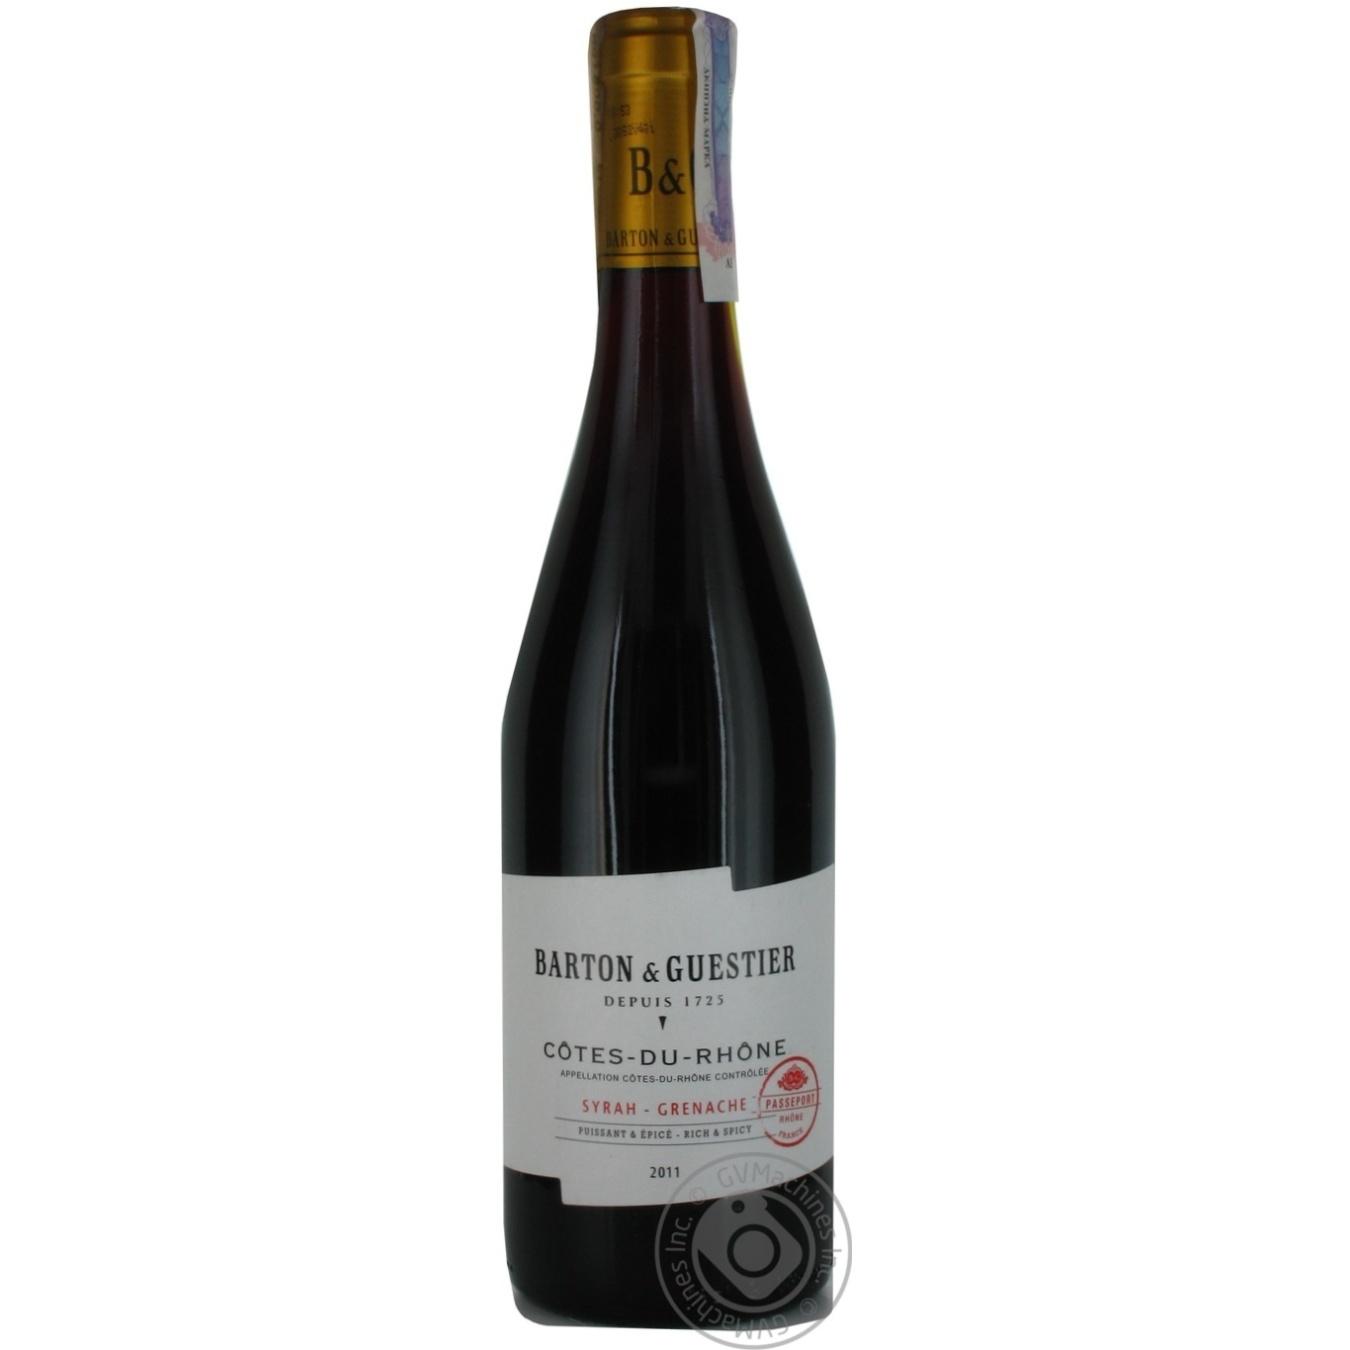 Кот дю рон вино франция